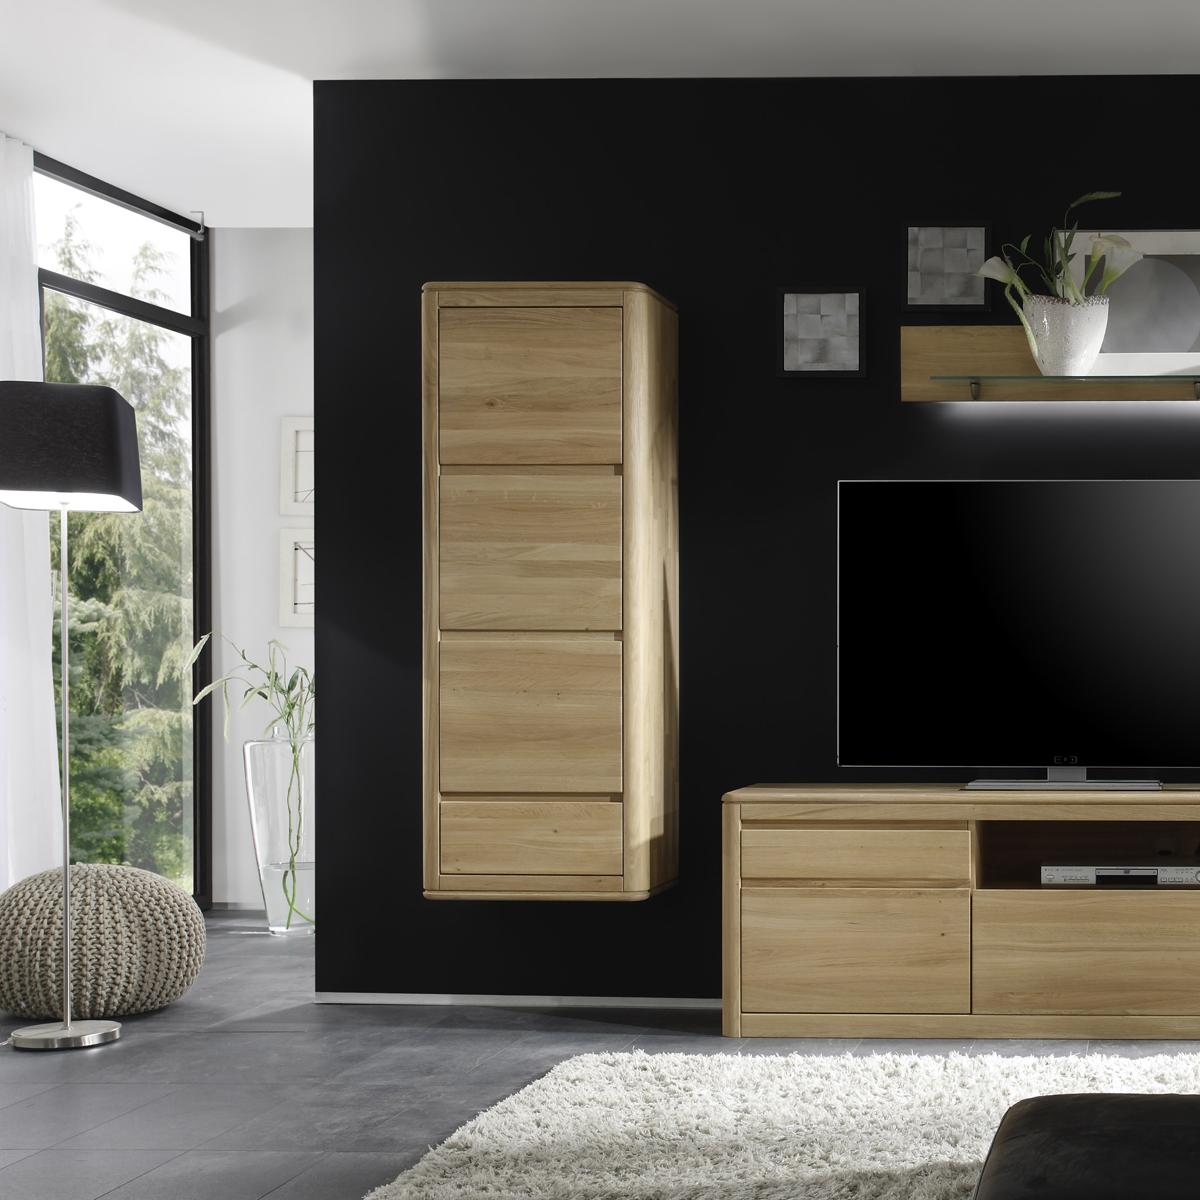 vitrine 1n wohnzimmer h ngeschrank eiche bianco massiv 1. Black Bedroom Furniture Sets. Home Design Ideas